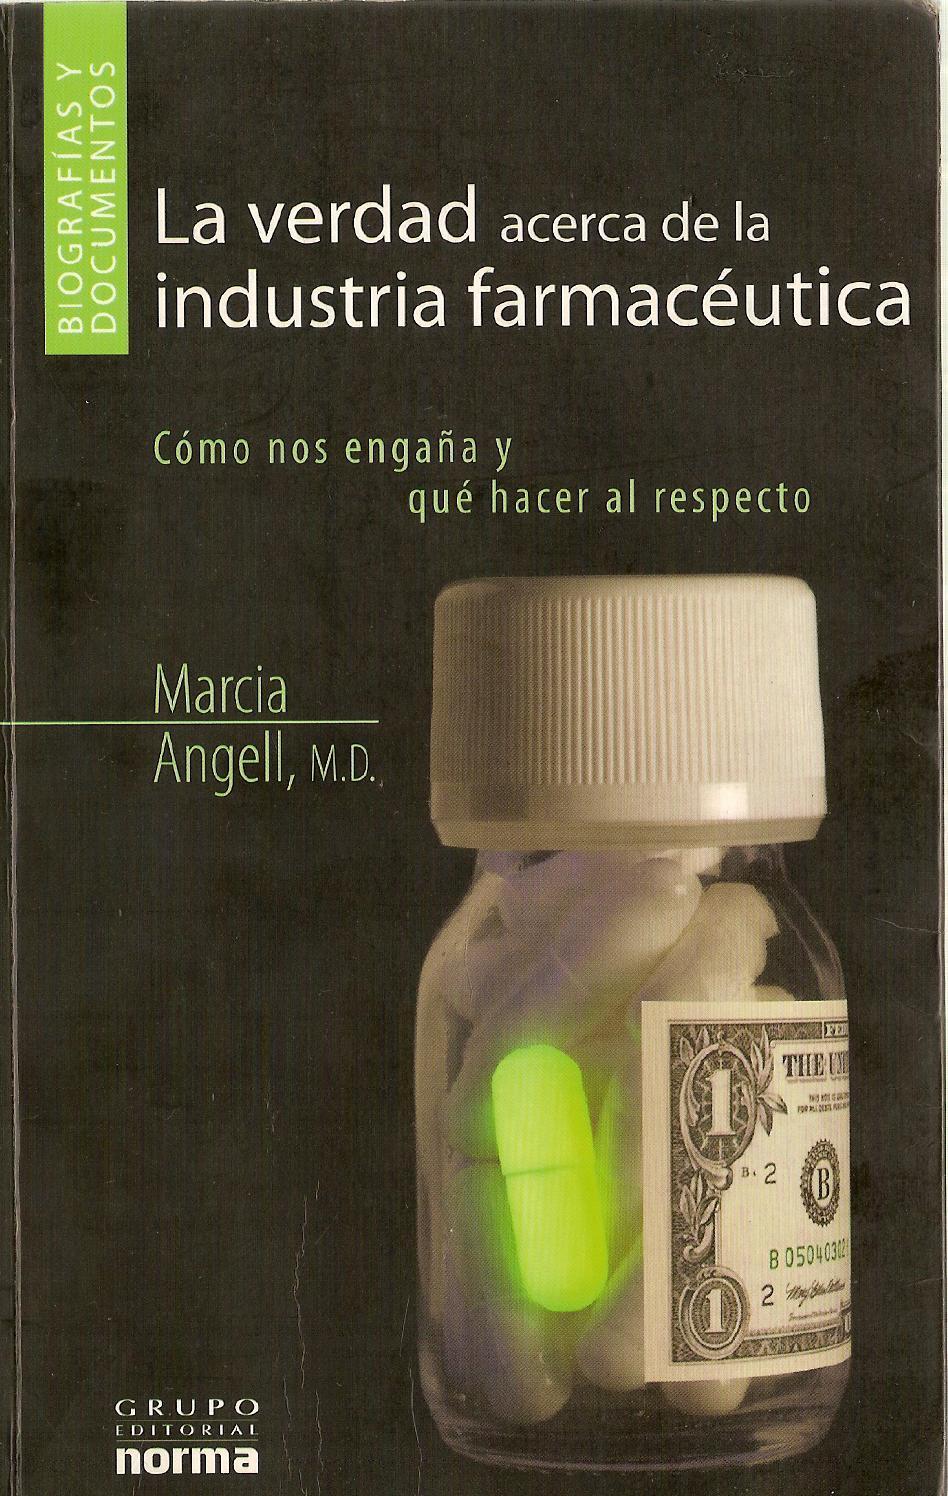 La verdad acerca de la industria farmacéutica marcia angell by ...